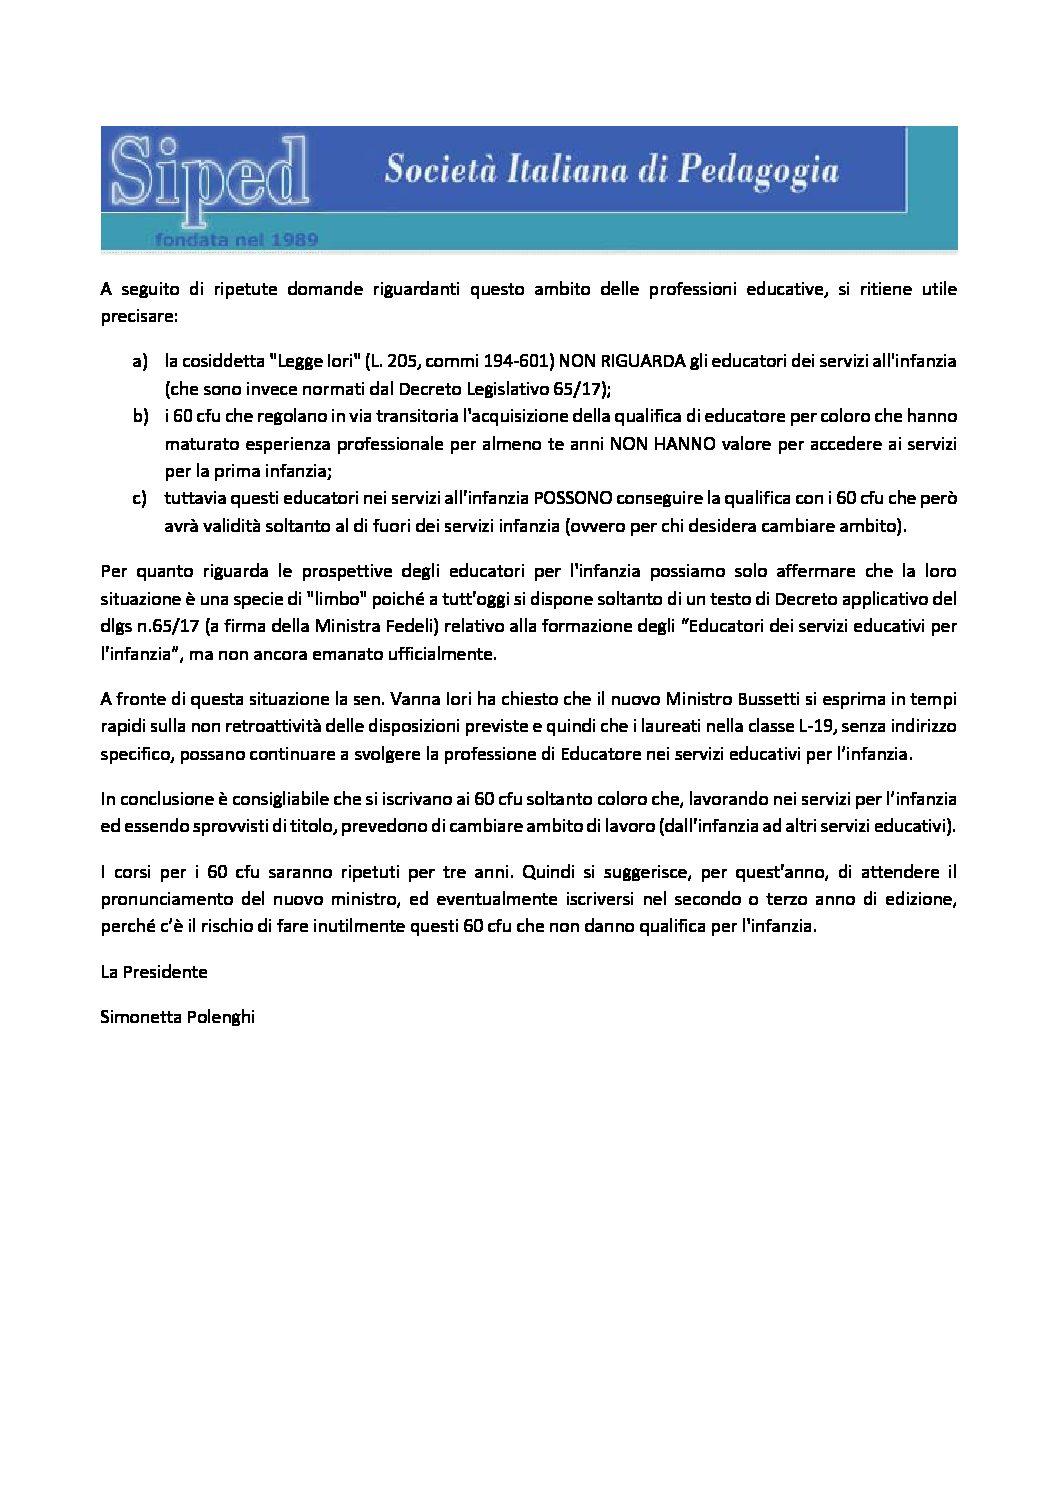 2018.07.12 – Chiarimento su educatori nei servizi per l'infanzia